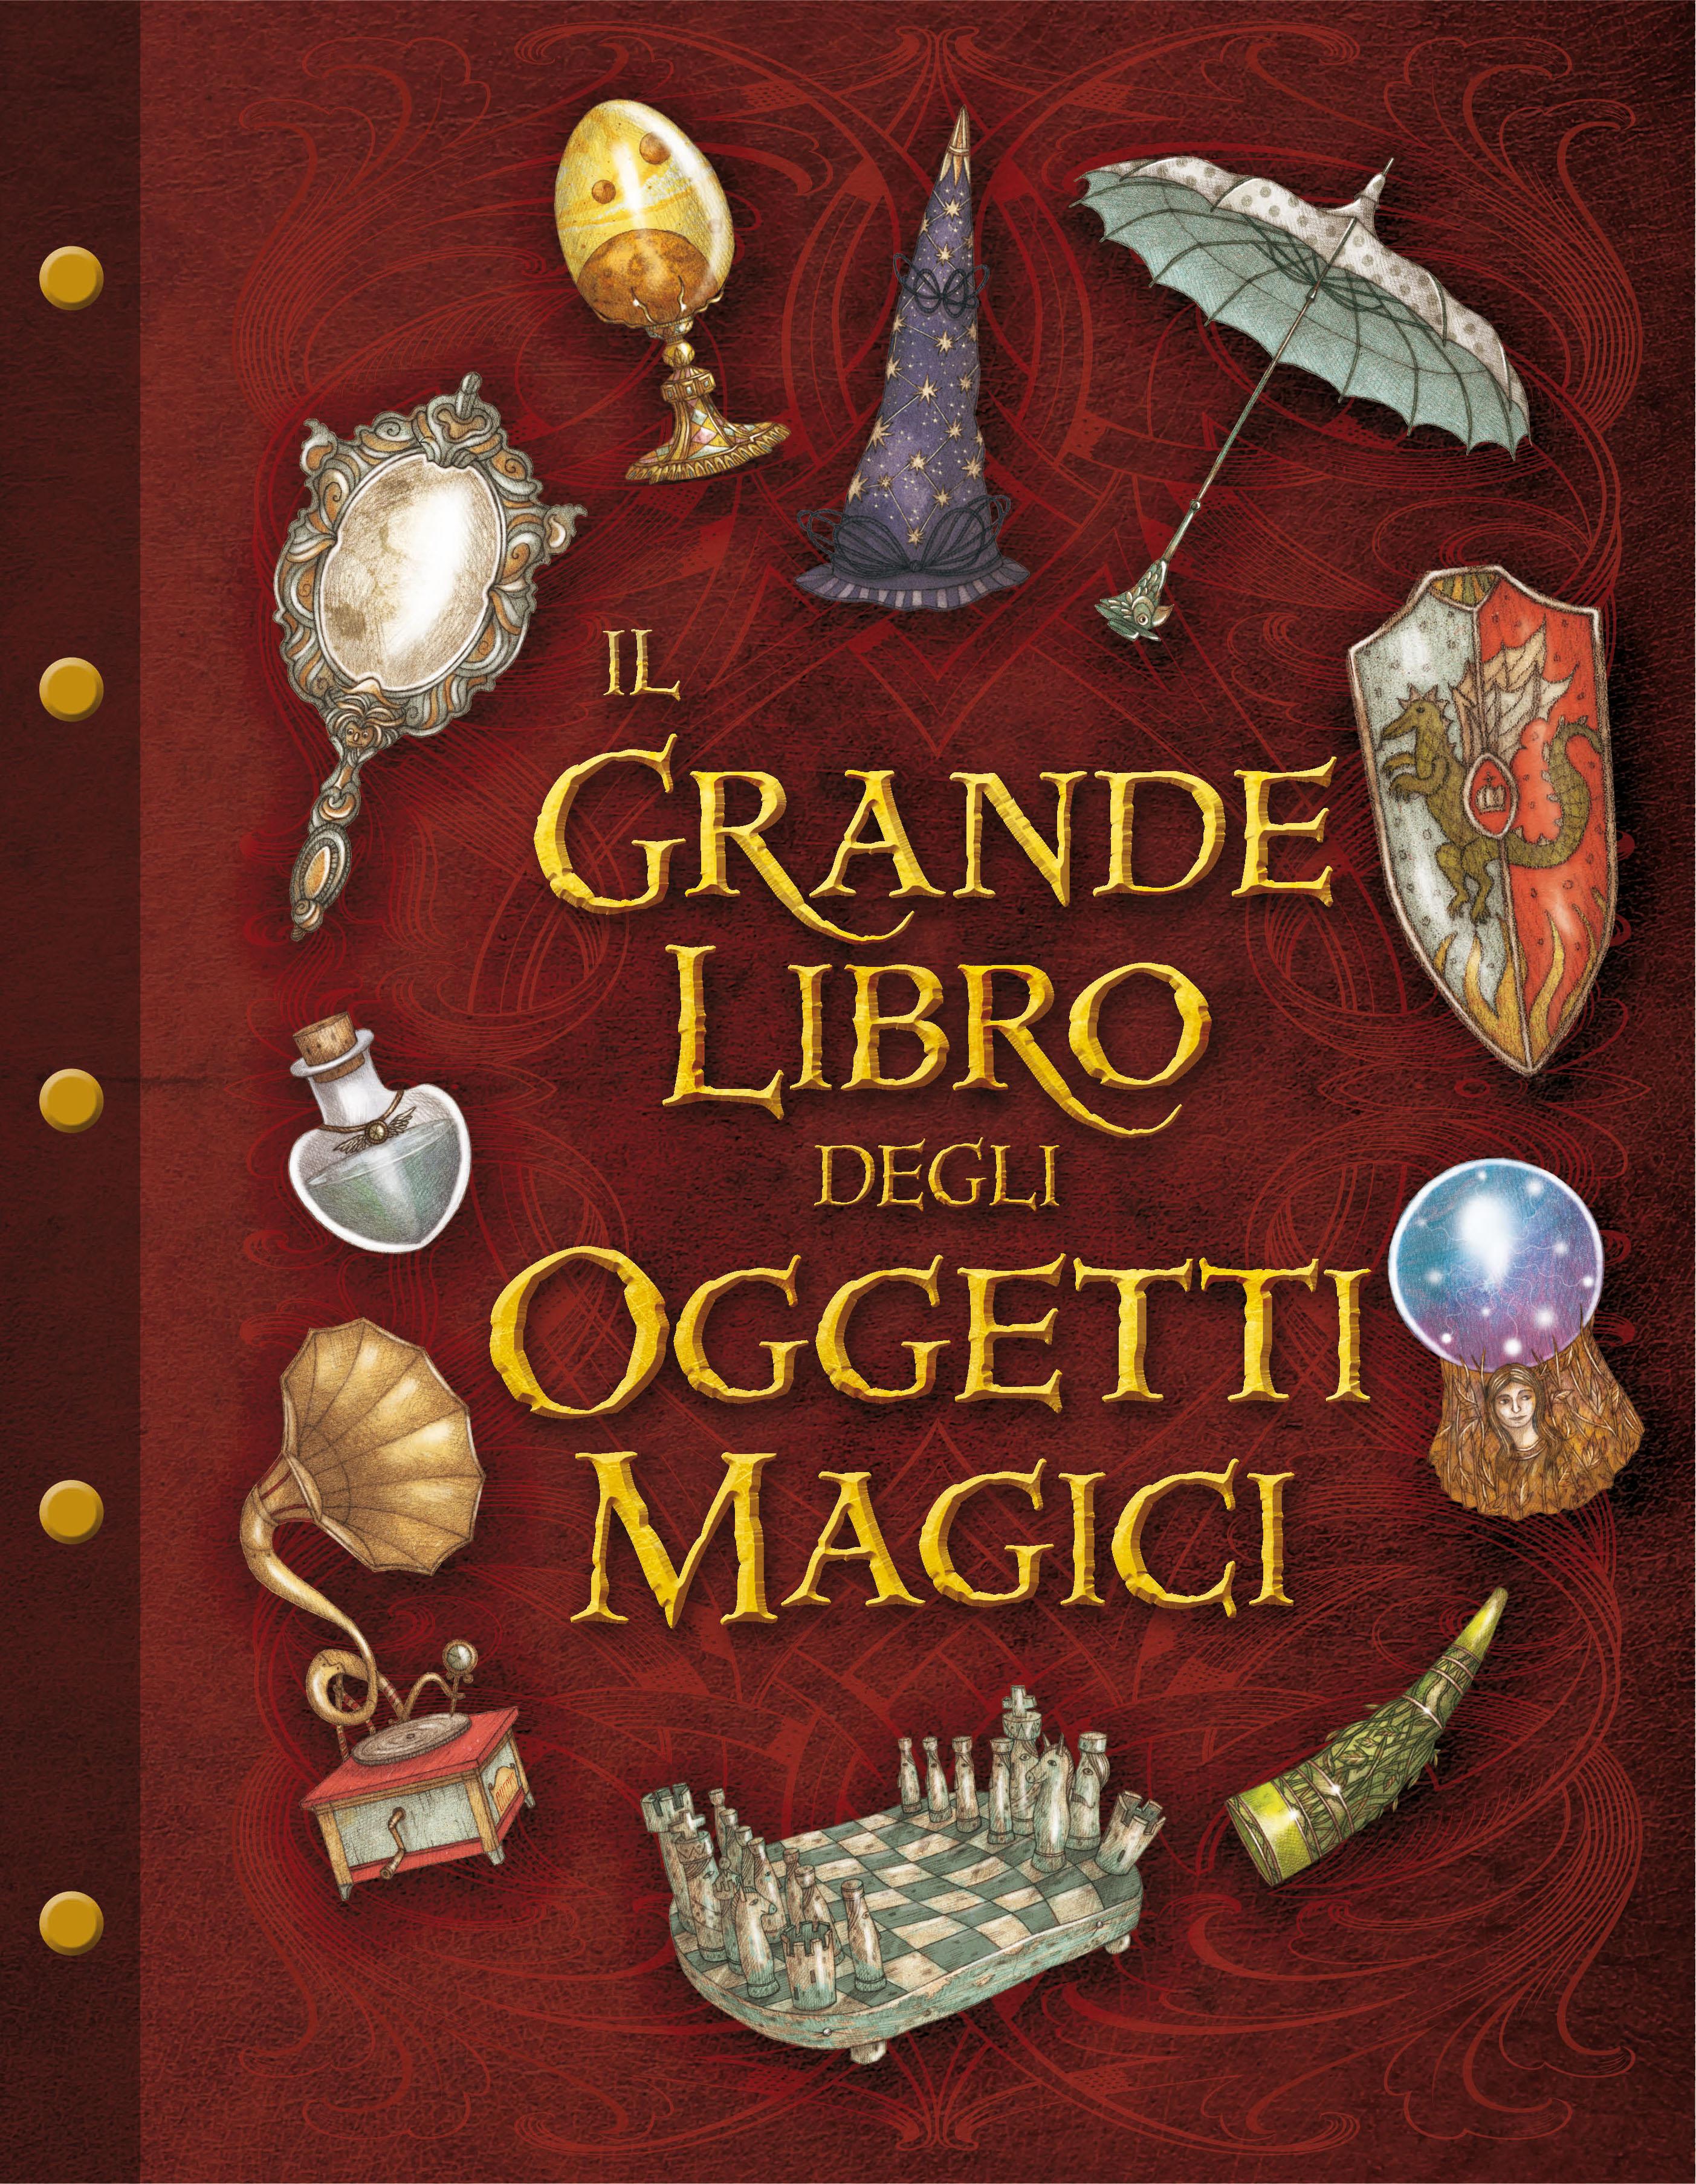 oggetti_magici_cover